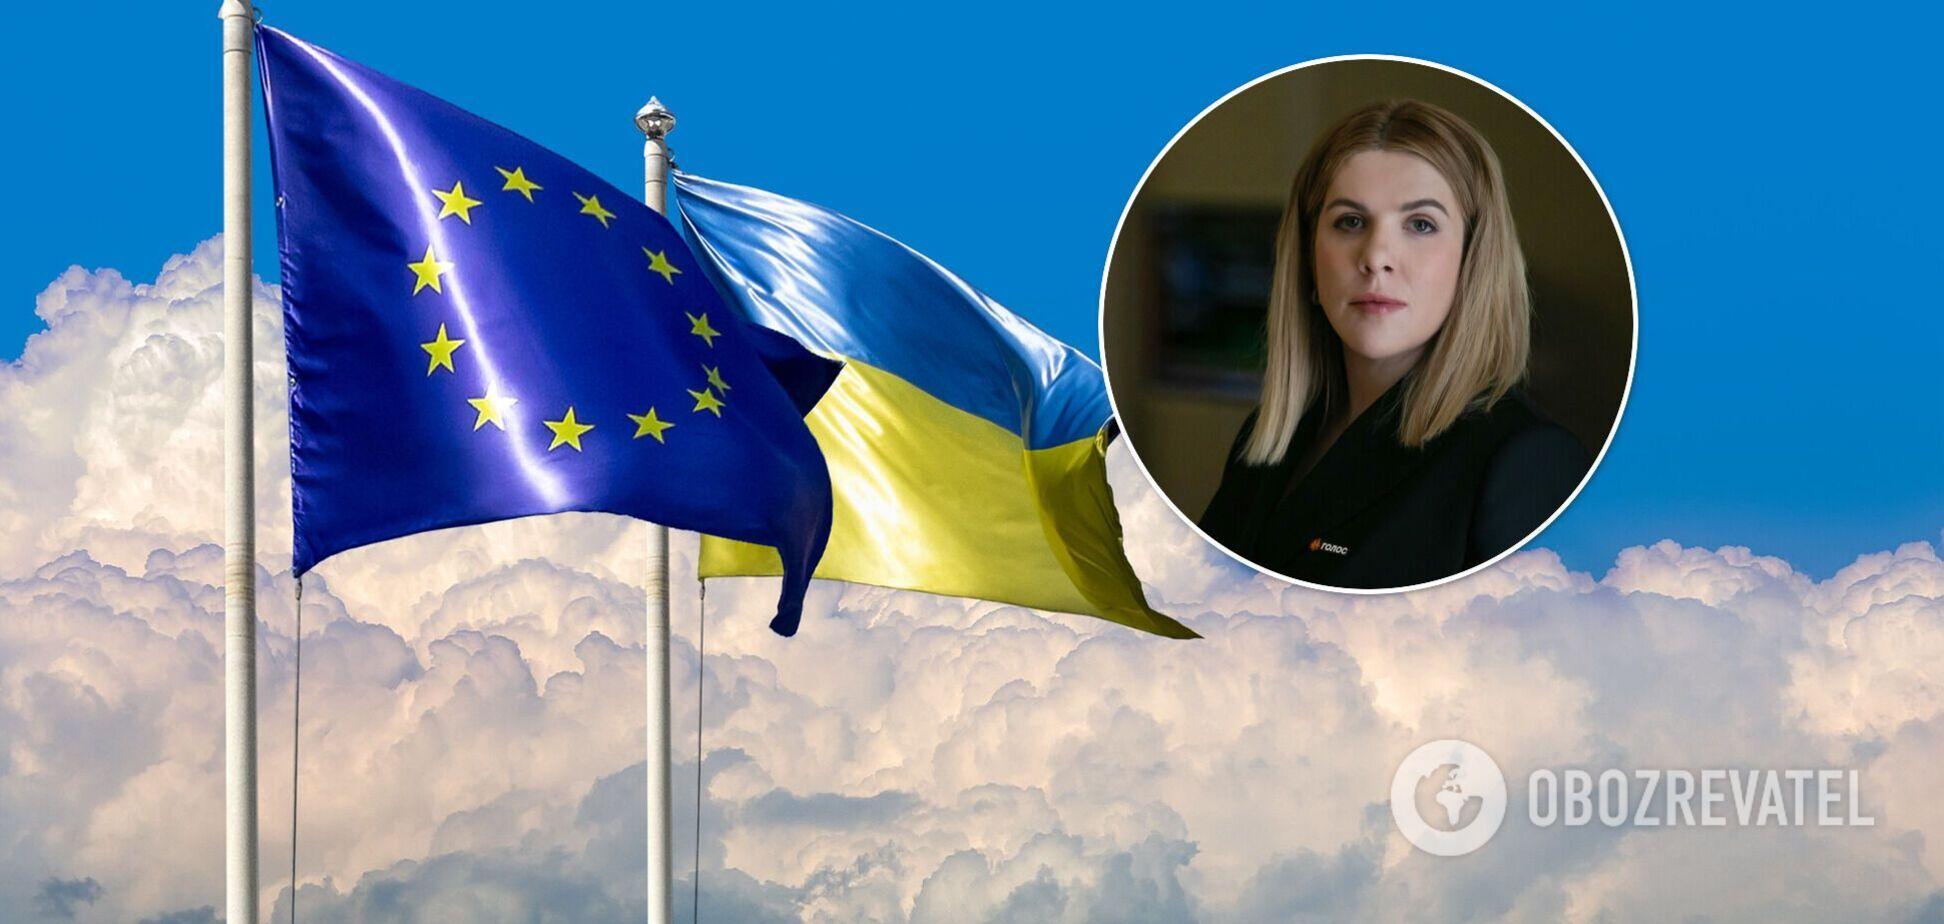 Кира Рудык: безвиз должен был стать для Украины мотивацией для реформ, но власть нивелирует этот аванс